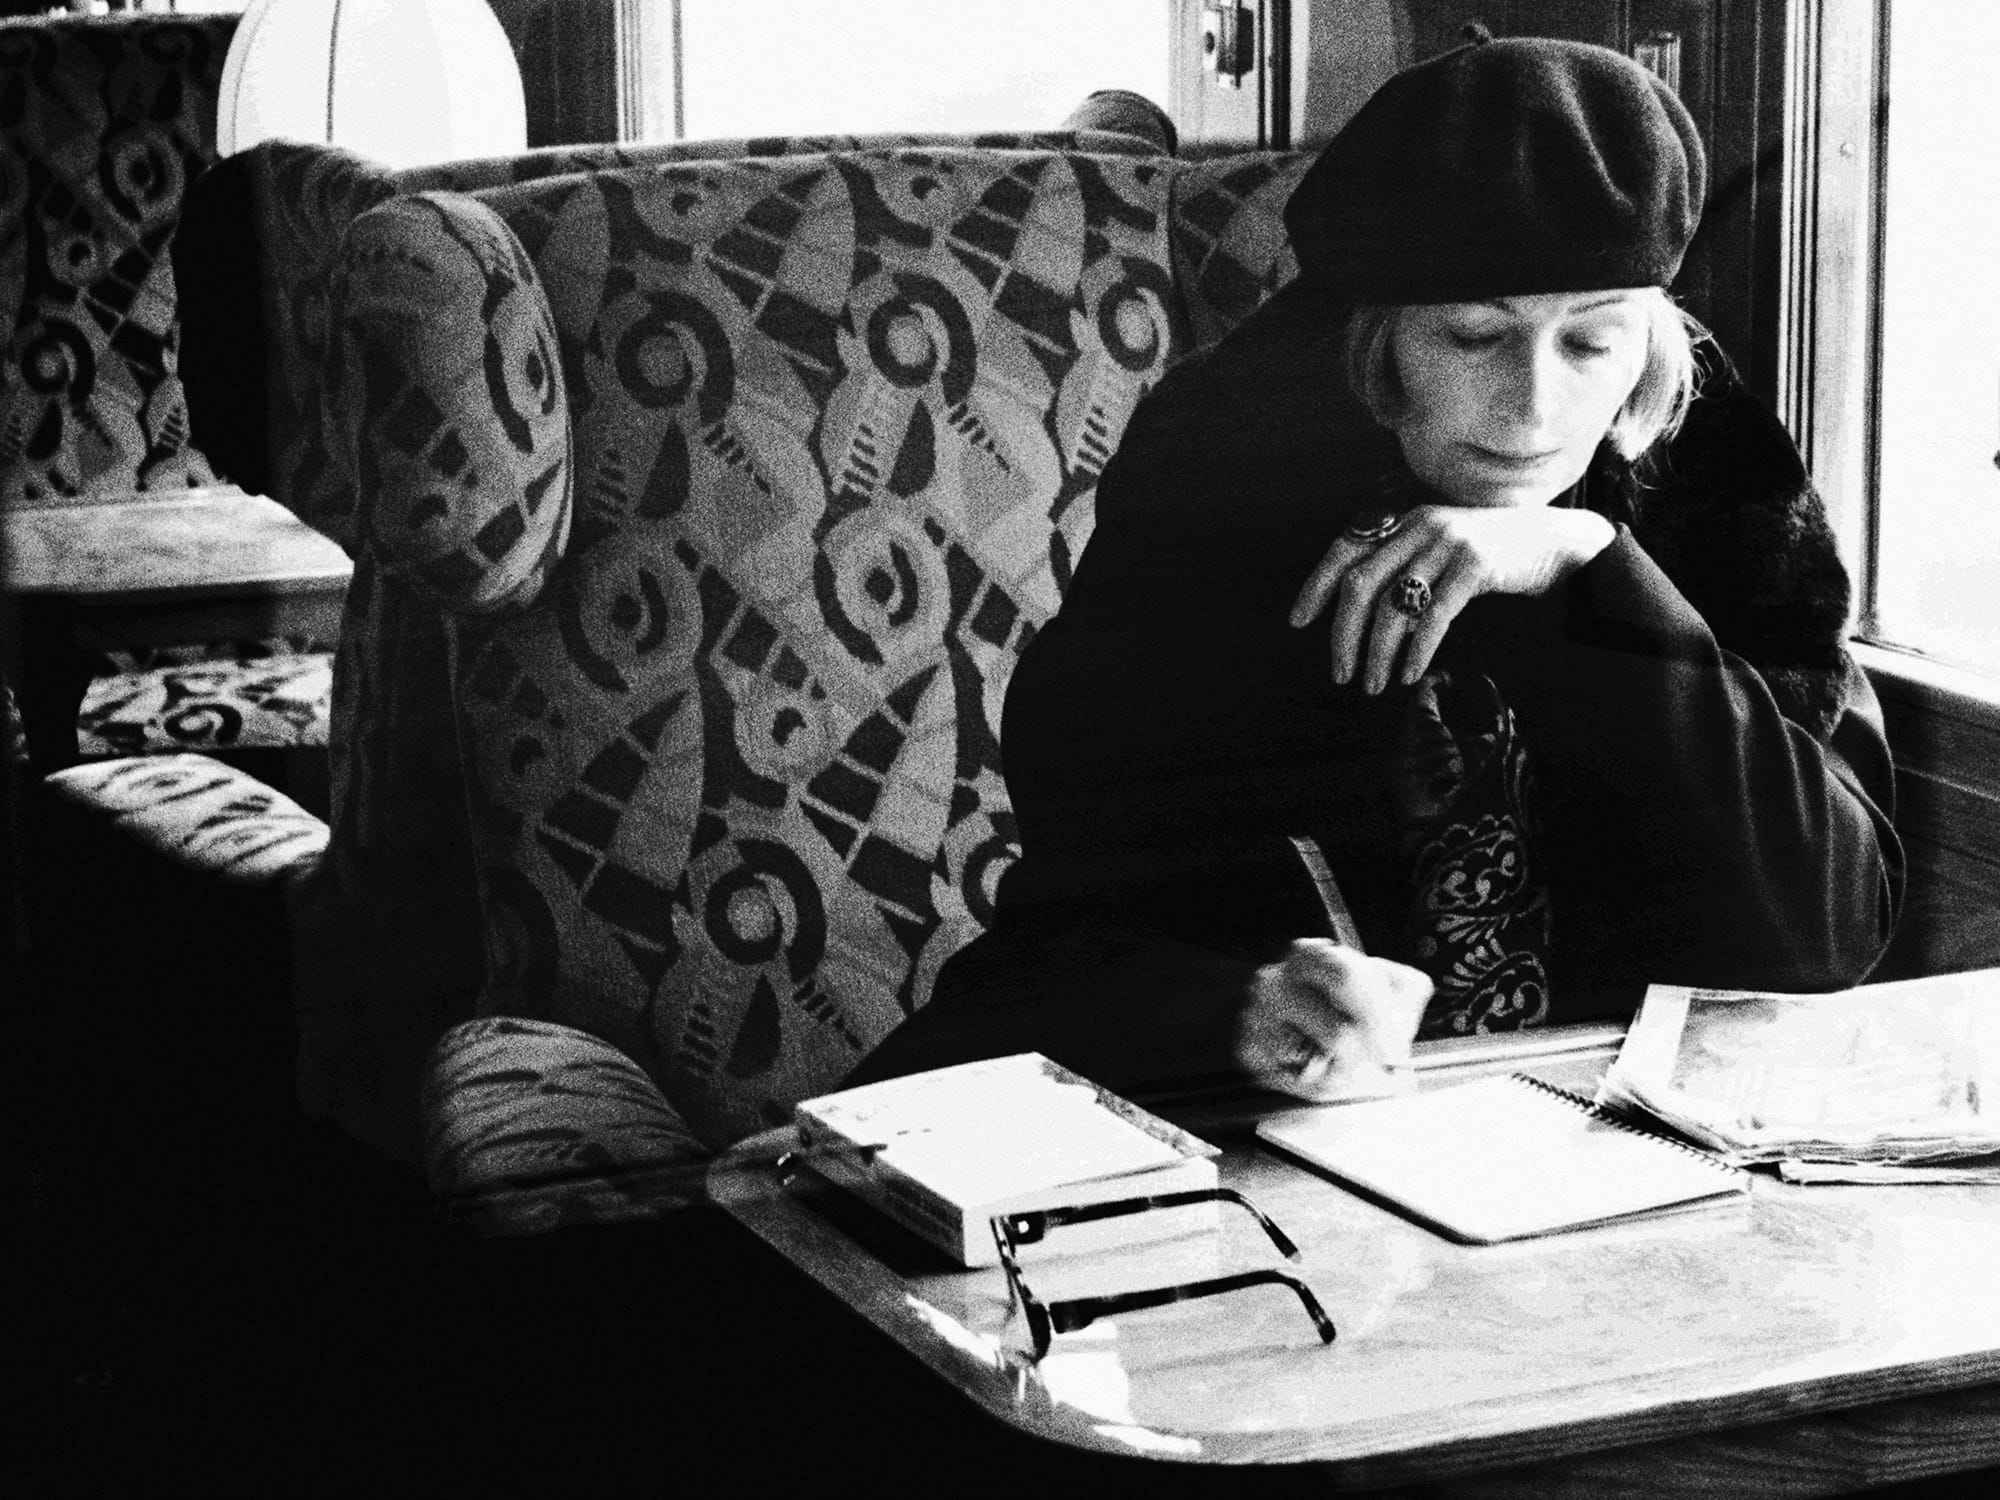 写真家サラ・ムーンがモノクロームでとらえた伝説の旅「ファッション・アイ オリエント・エクスプレス」。